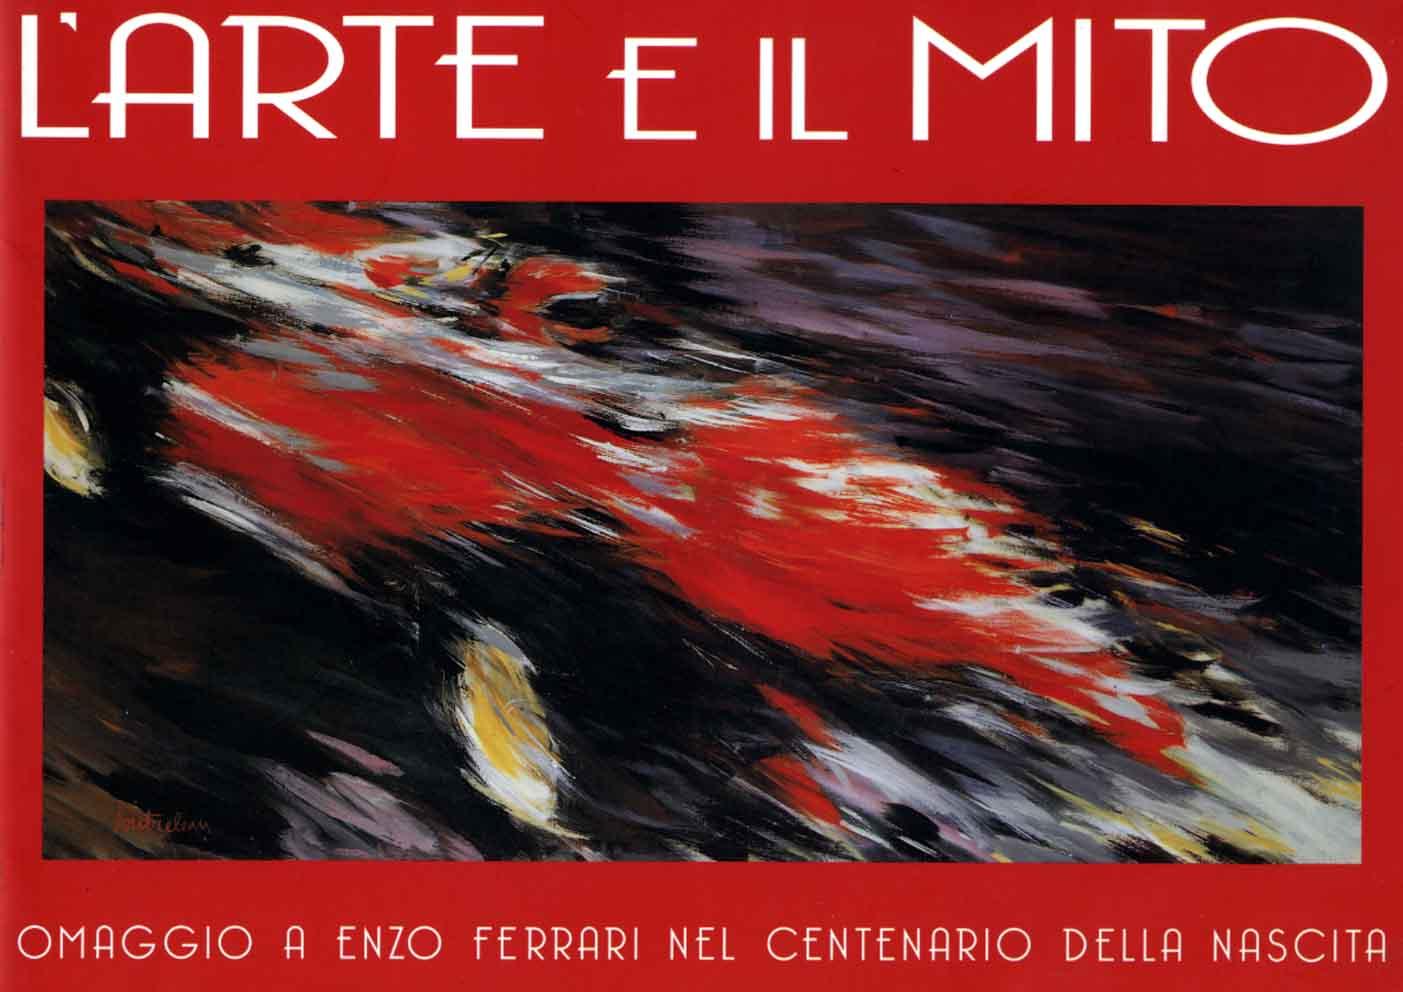 LARTE-E-Il-Mito.jpg